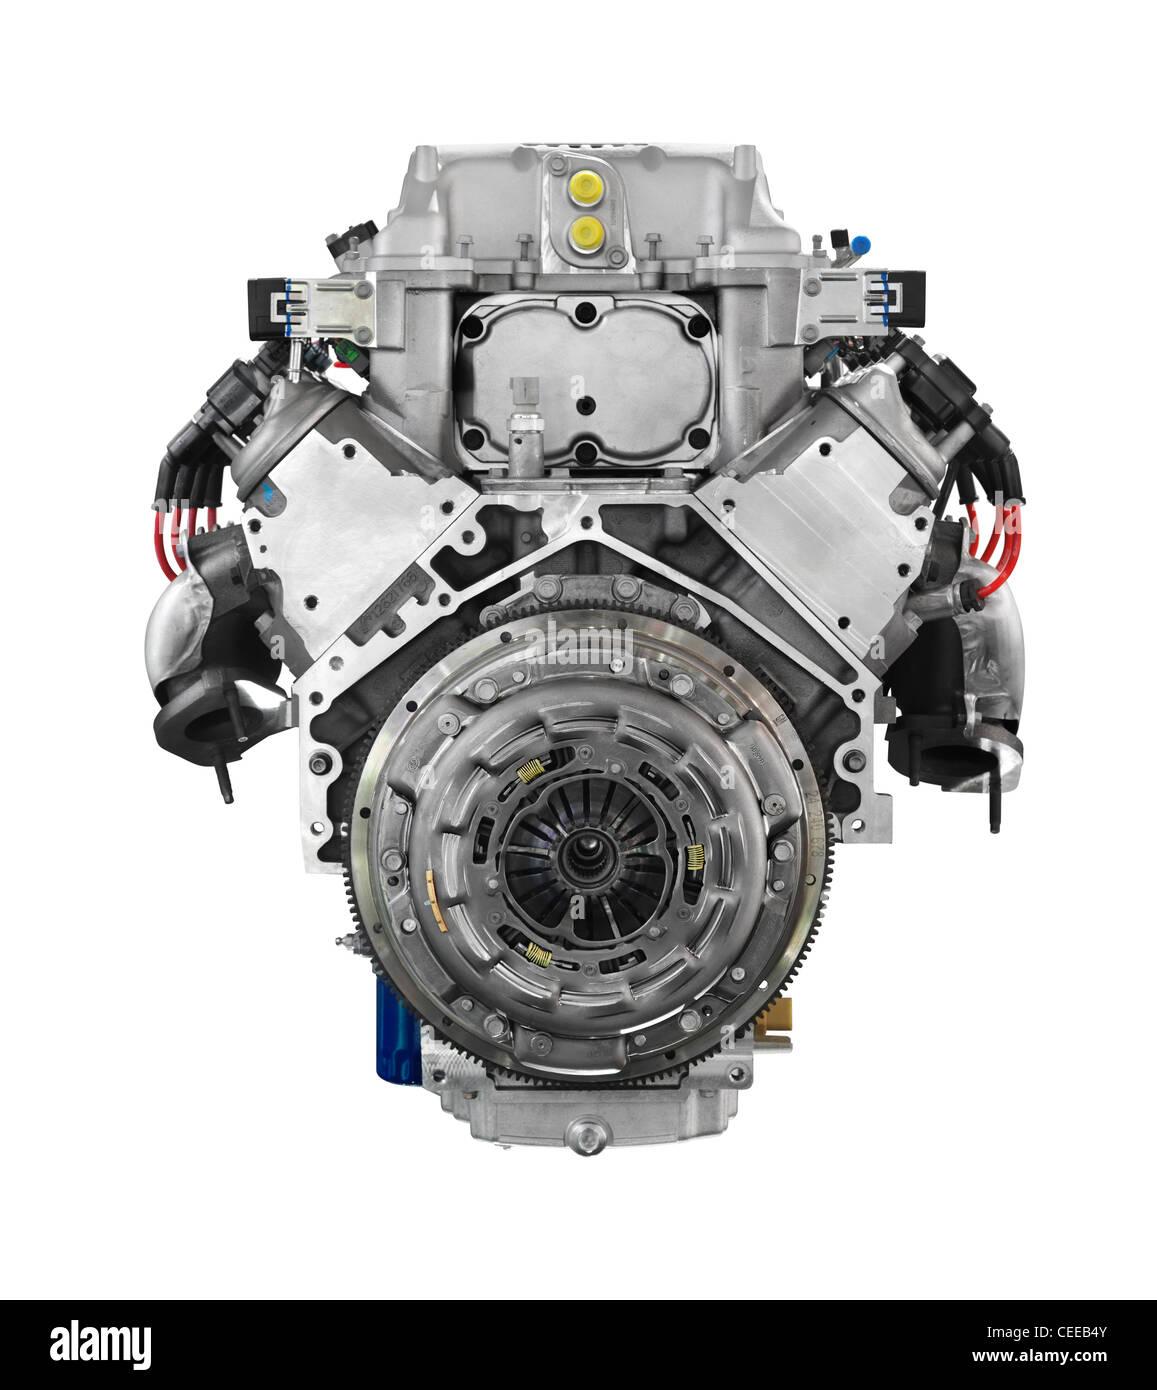 Cadillac 556HP 6.2L V8 auto motore dal lato frizione isolato su sfondo bianco con tracciato di ritaglio Immagini Stock